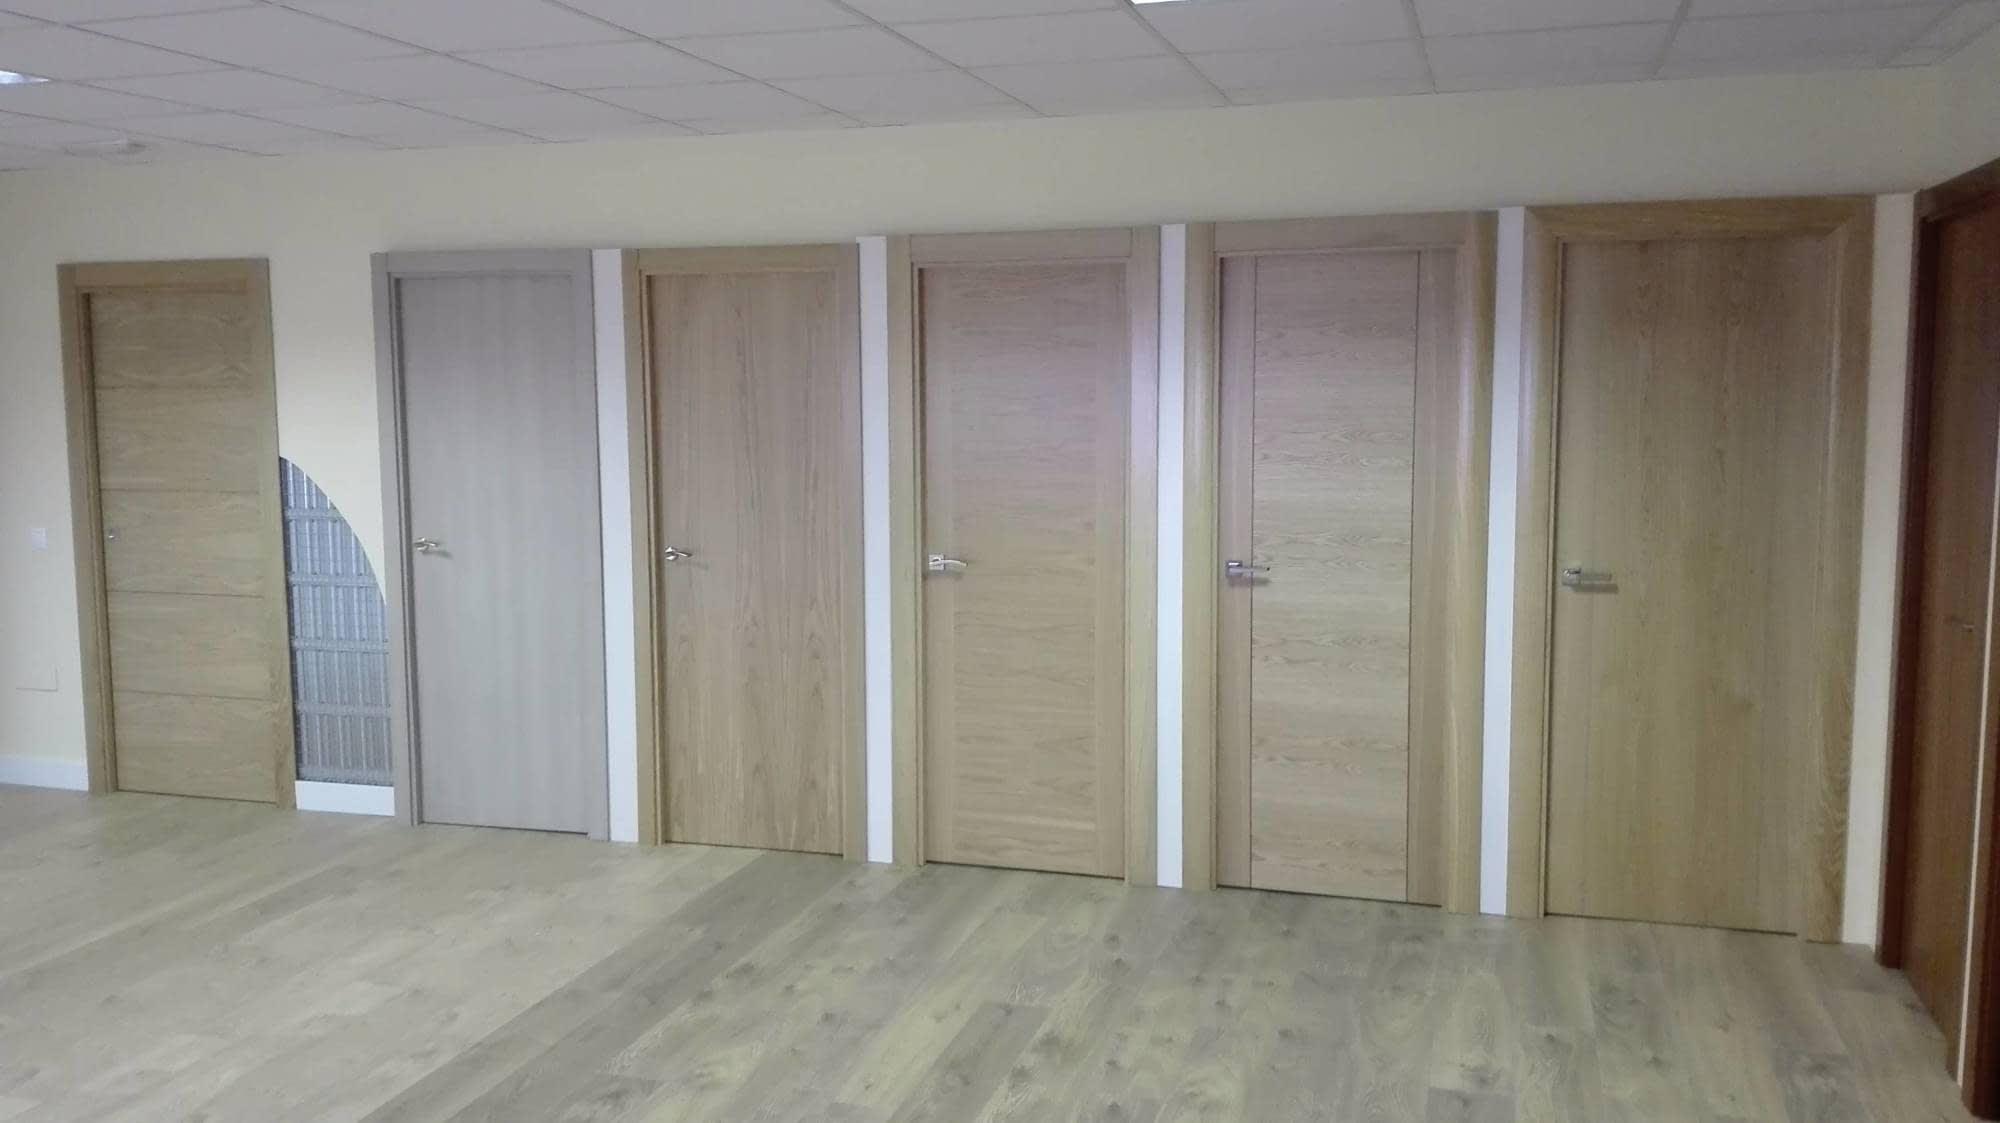 Puertas de madera interiores baratas great puertas clset for Puertas de madera interiores baratas